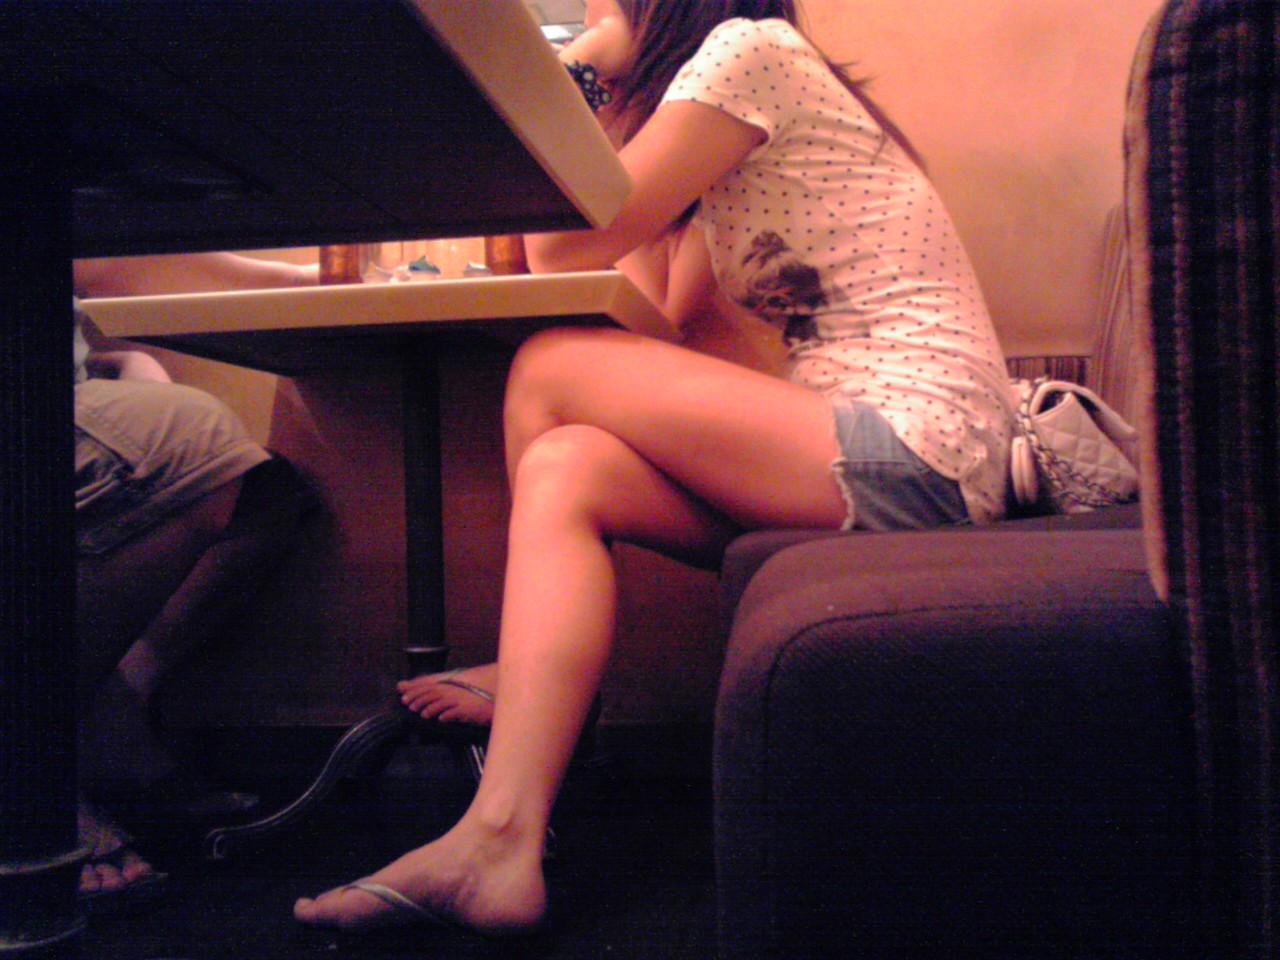 【素人美脚画像】街で見つけたお姉さん方の、見惚れてしまいそうな程長くて綺麗な脚 11